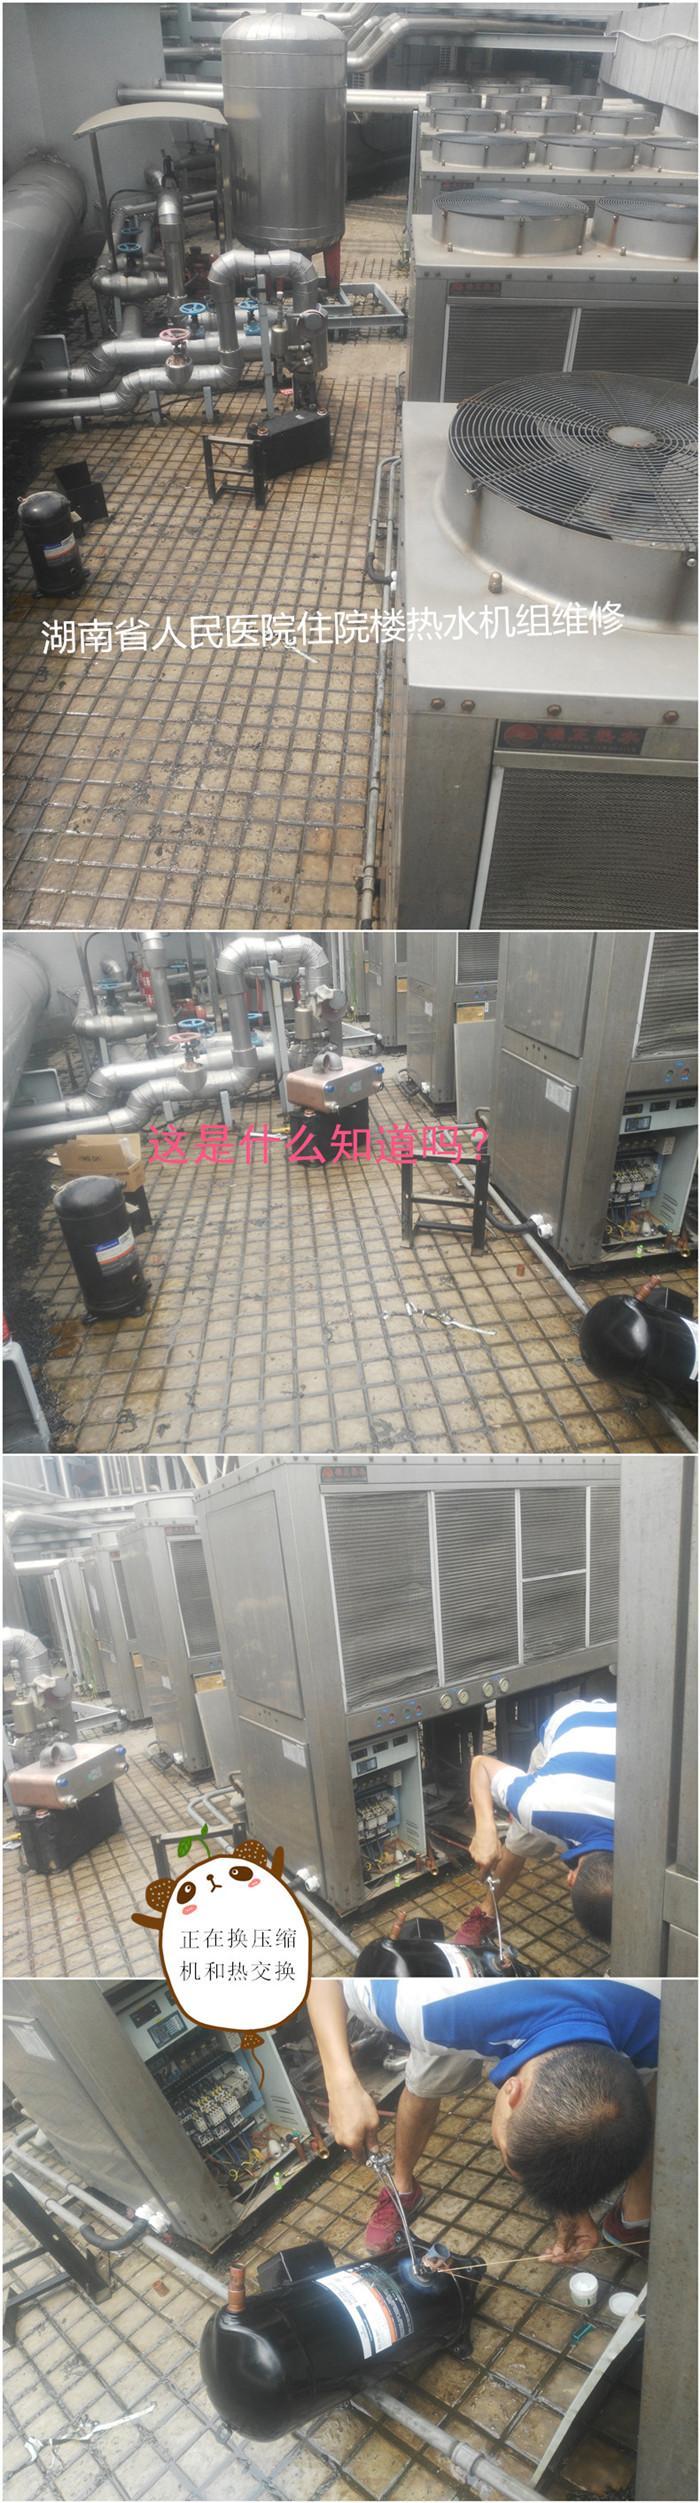 省人民医院长沙中央空调热水机组维修